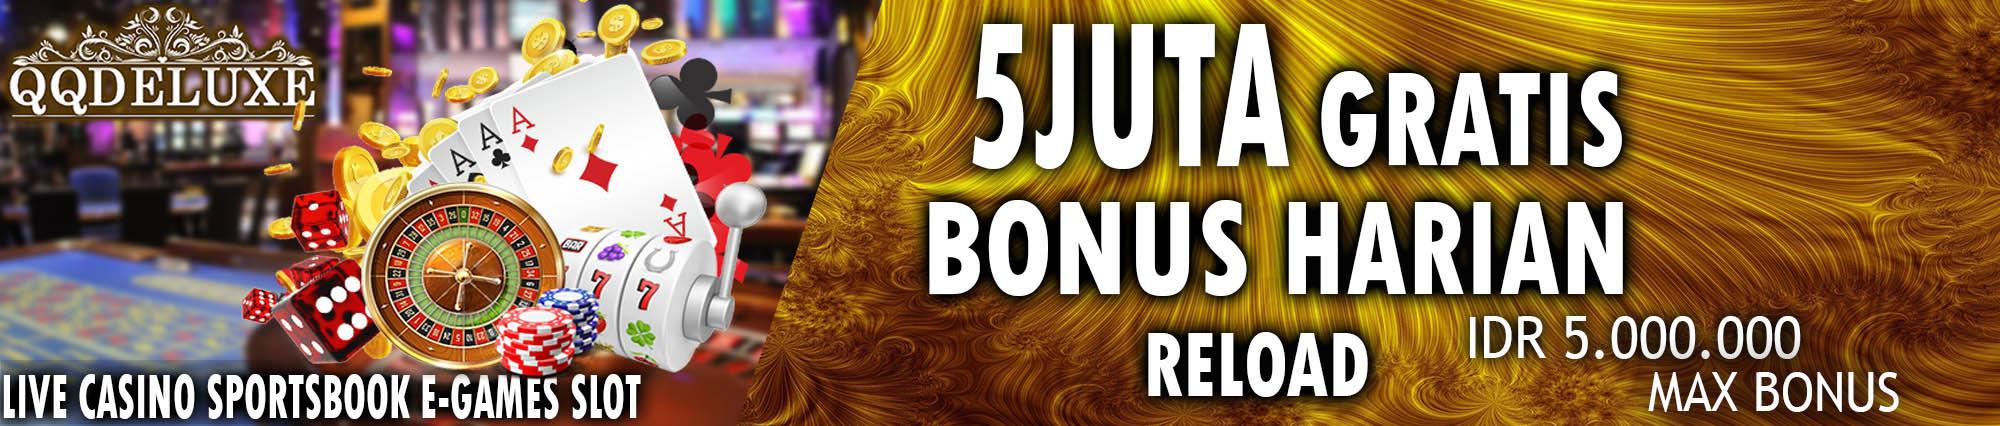 bonus judi online harian terbesar